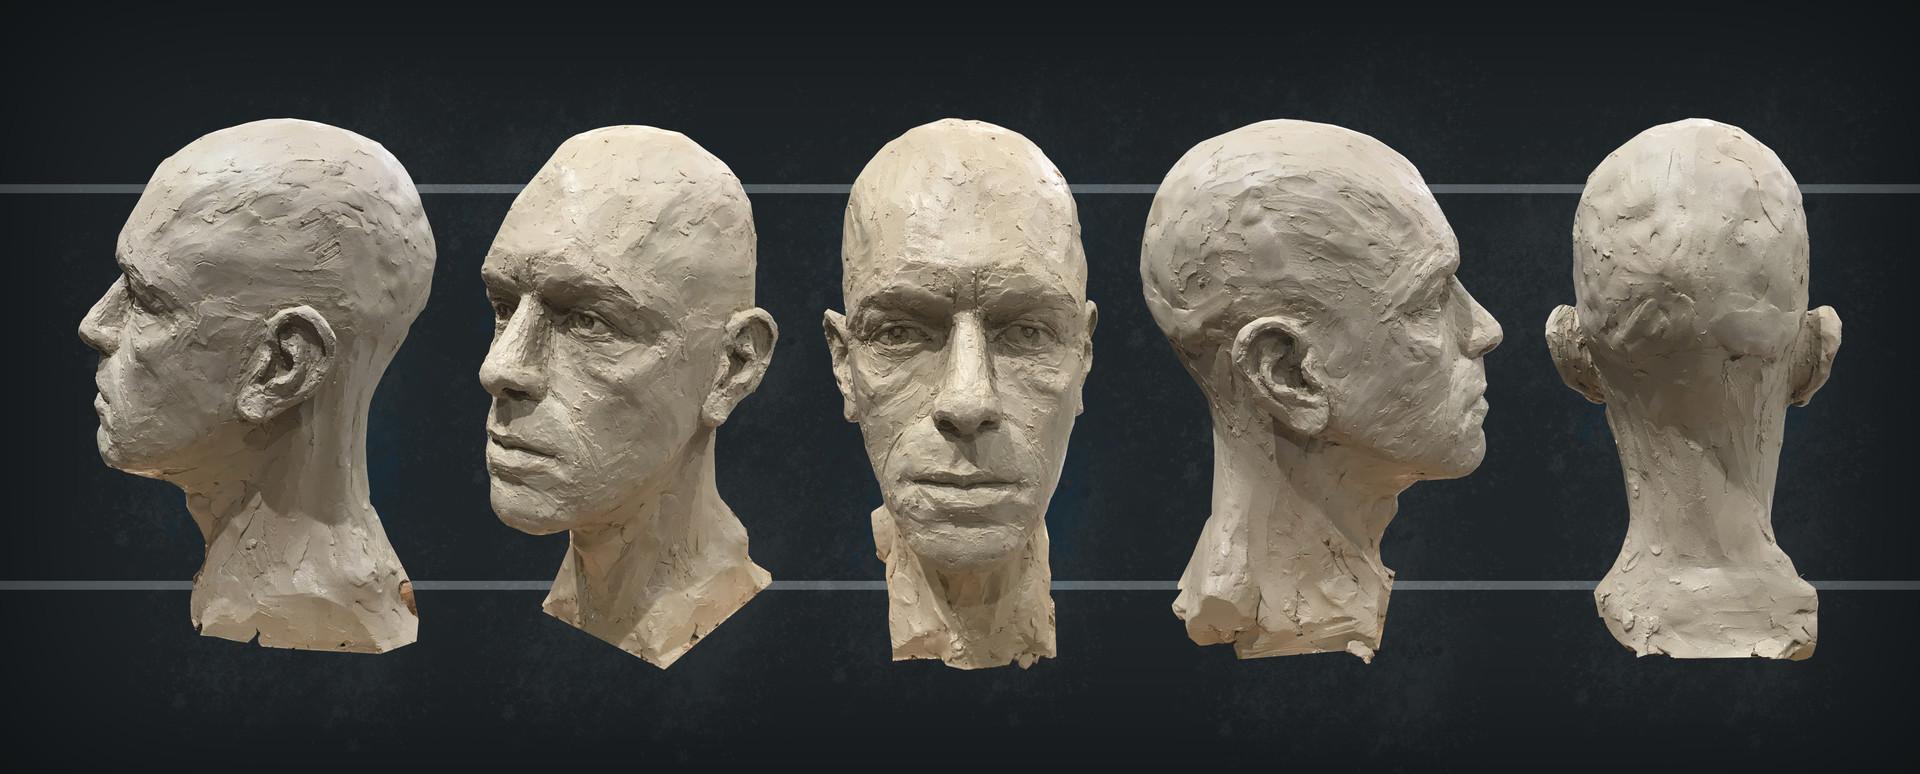 Ben henry clay